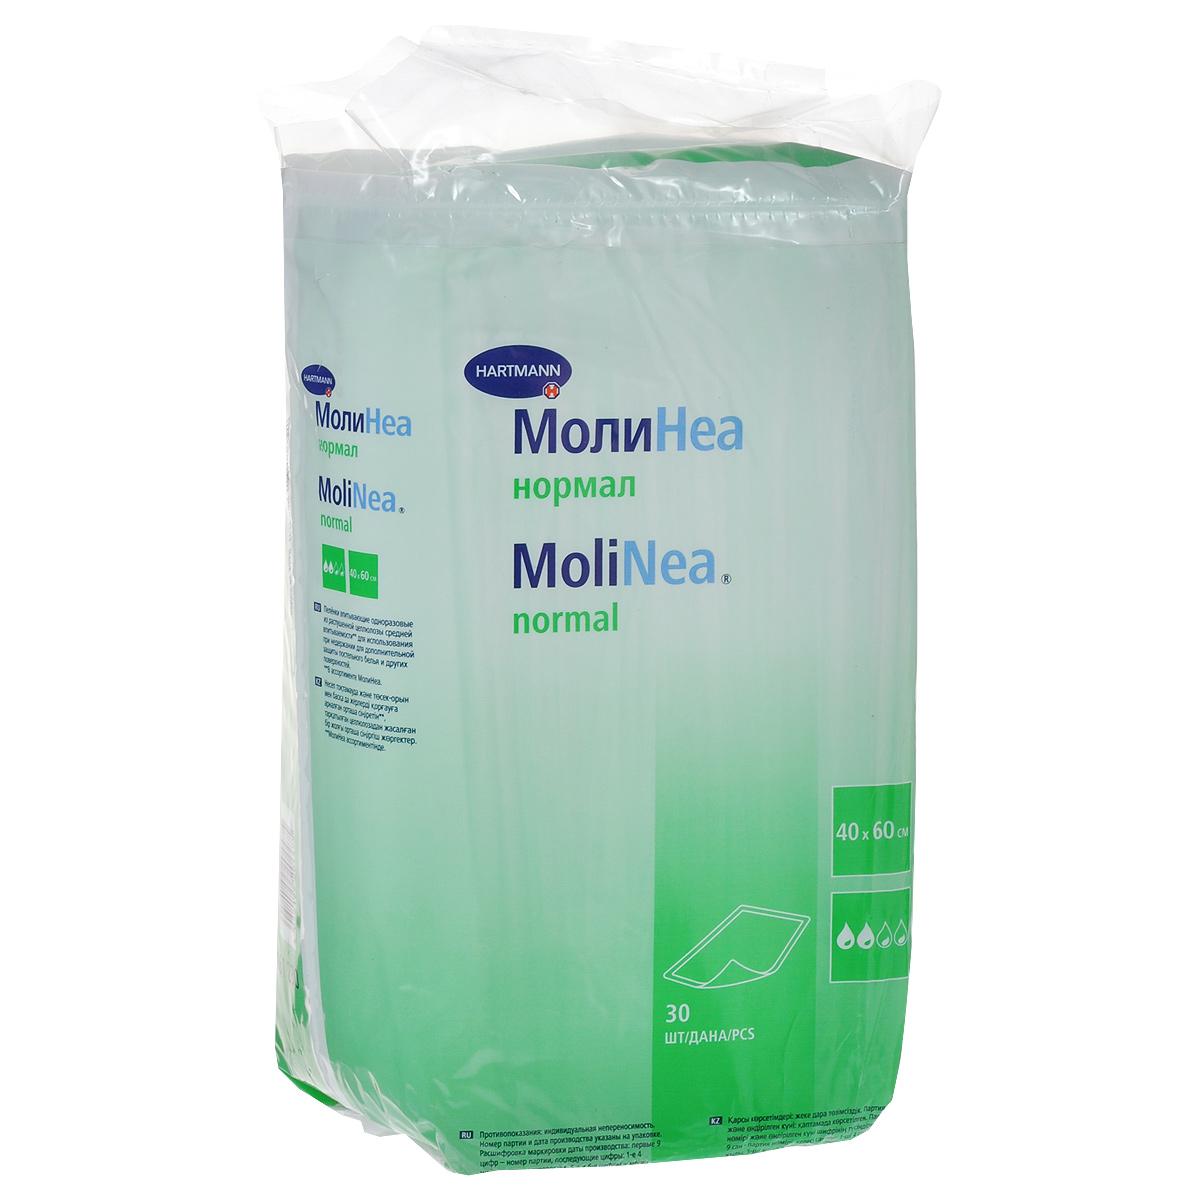 Одноразовые впитывающие пеленки Molinea (Молинеа) Normal, 40 см х 60 см, 30 шт пеленки terezamed пеленки normal 10 шт